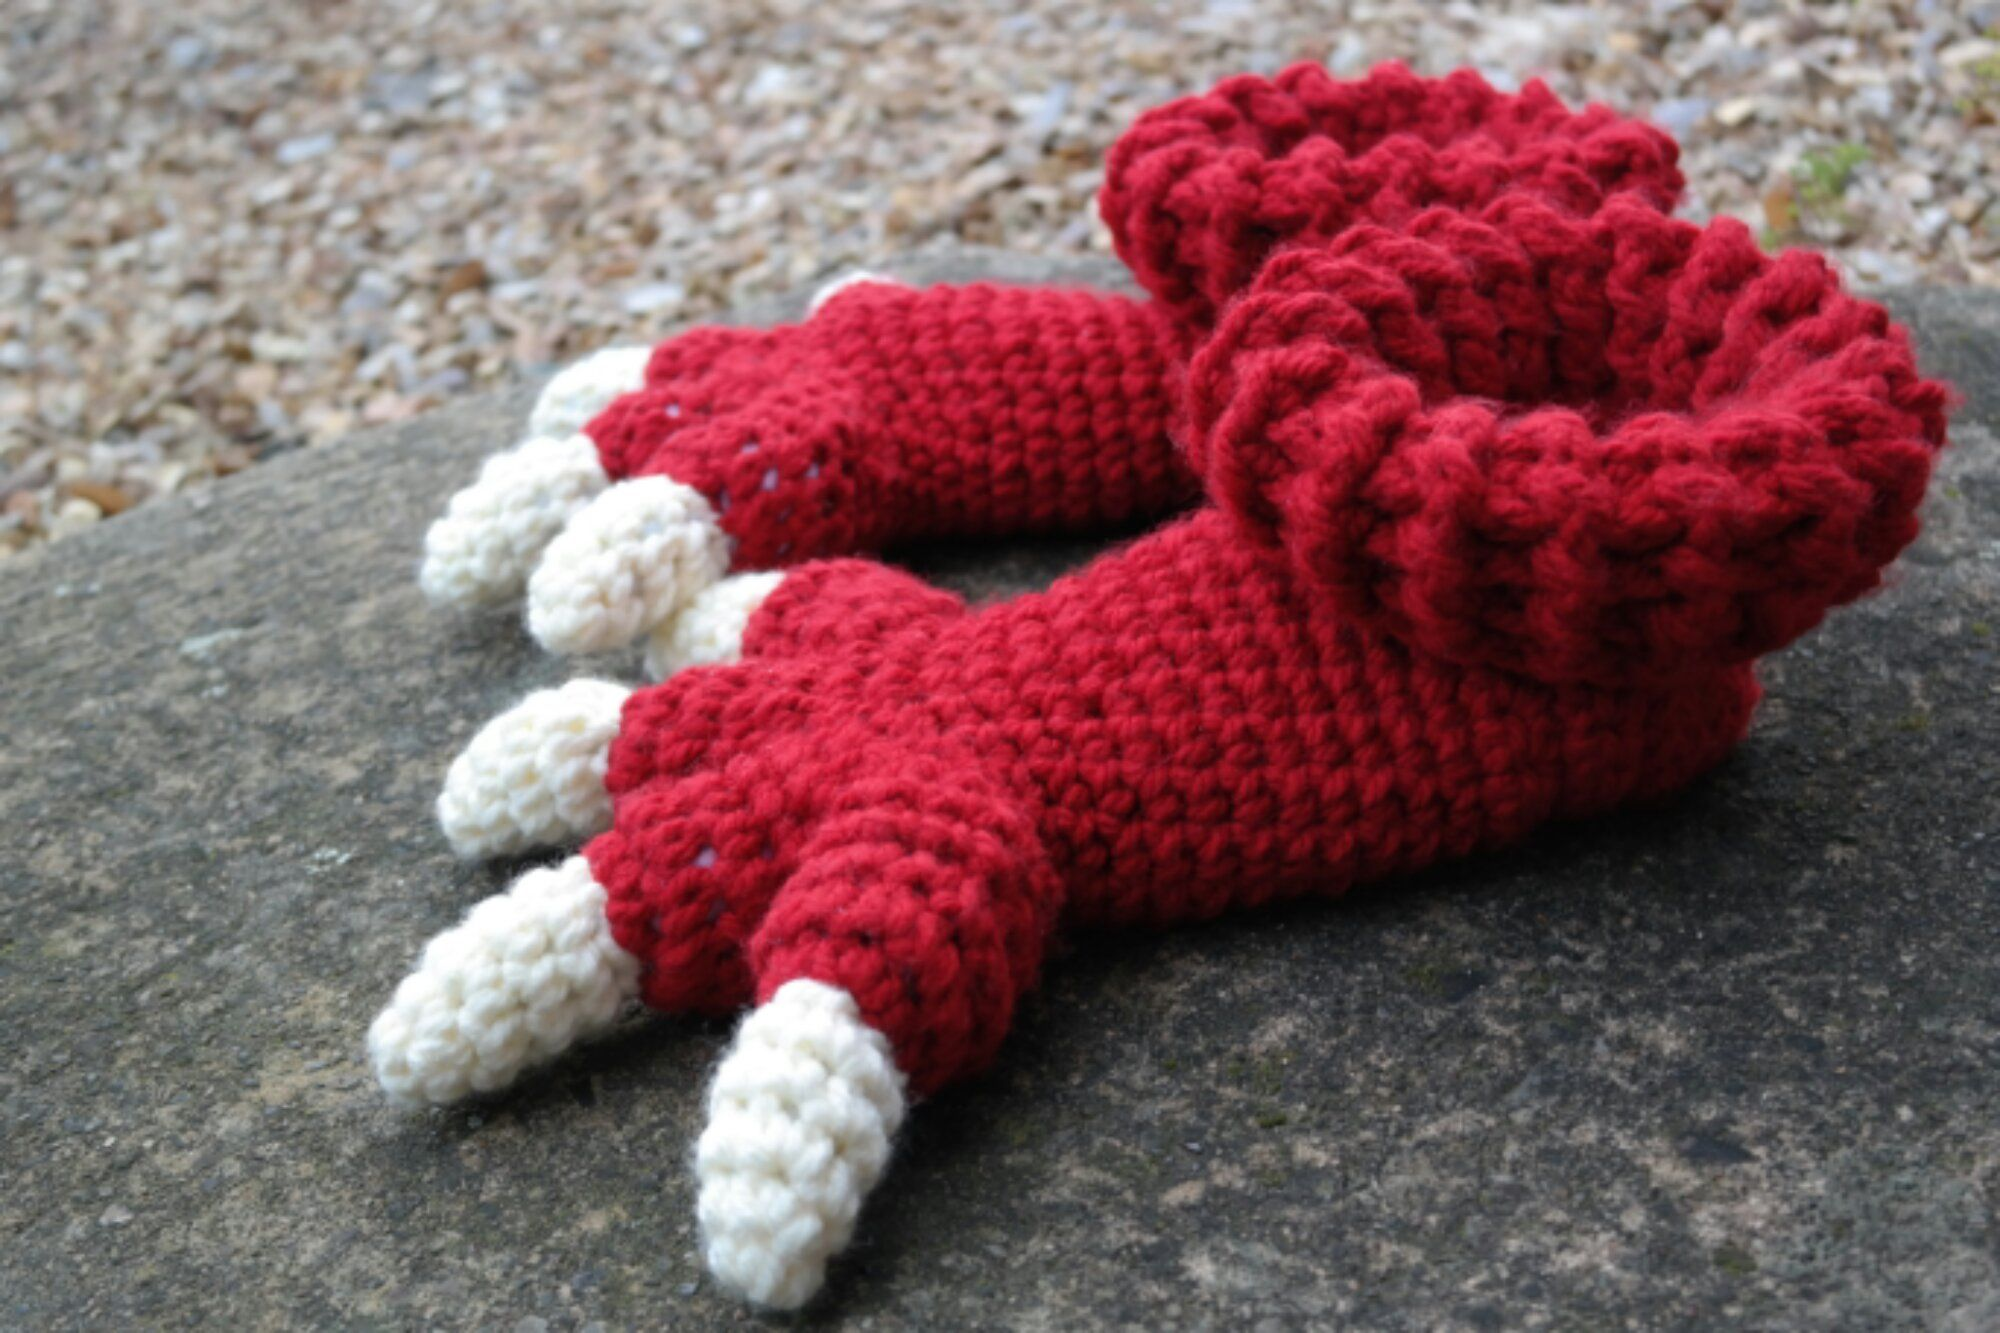 Trendy Crochet Monster Slippers Free Pattern Image Gpblvff Baby